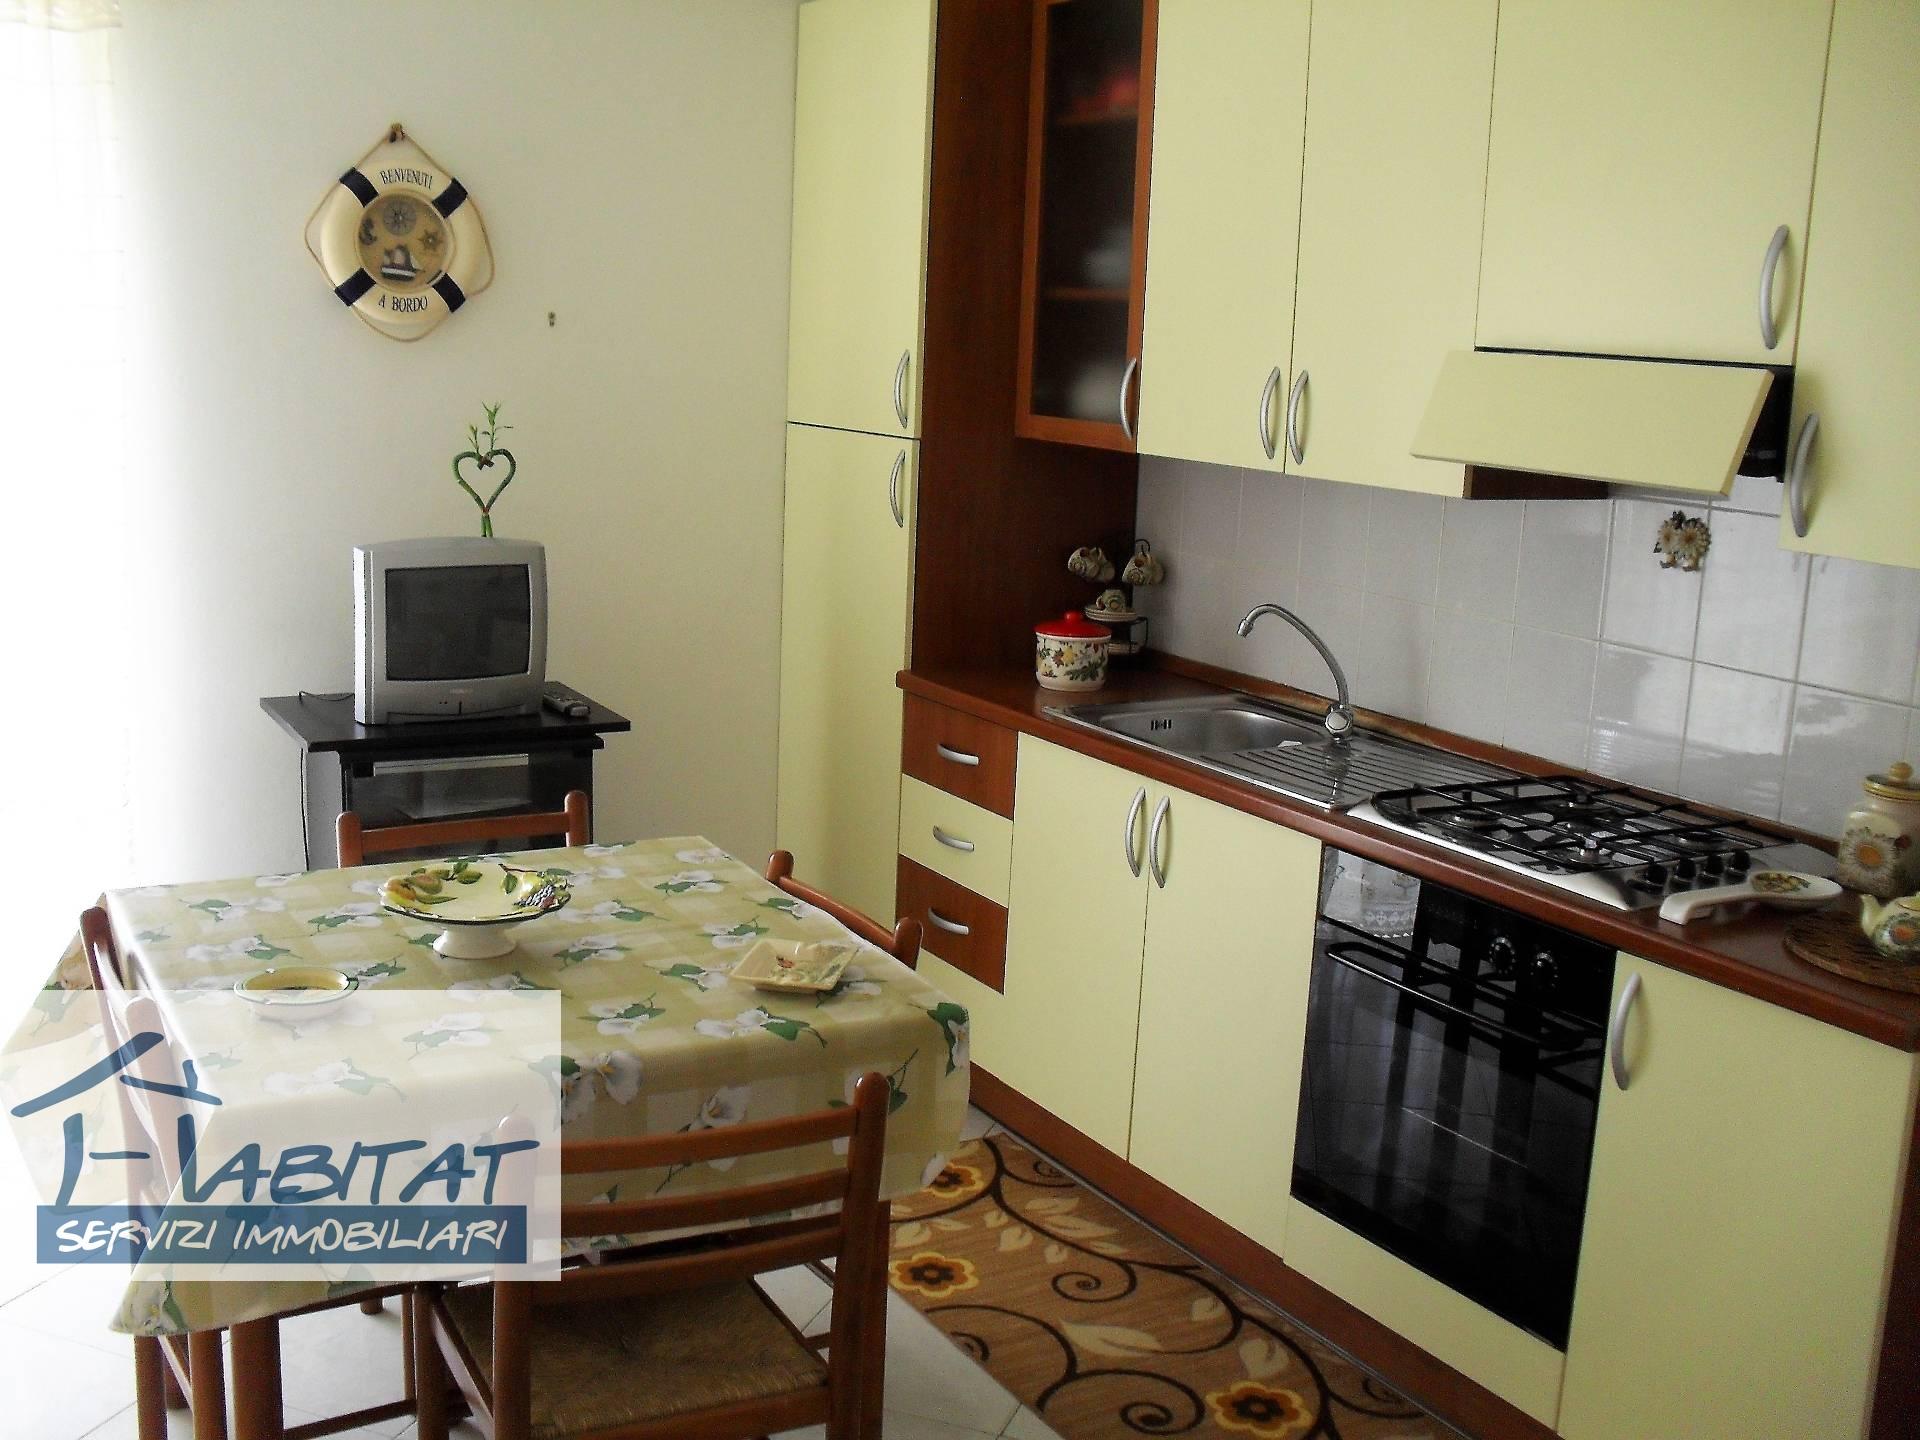 Appartamento in affitto a Agrigento, 5 locali, zona Località: Centrostorico, prezzo € 62.000 | CambioCasa.it